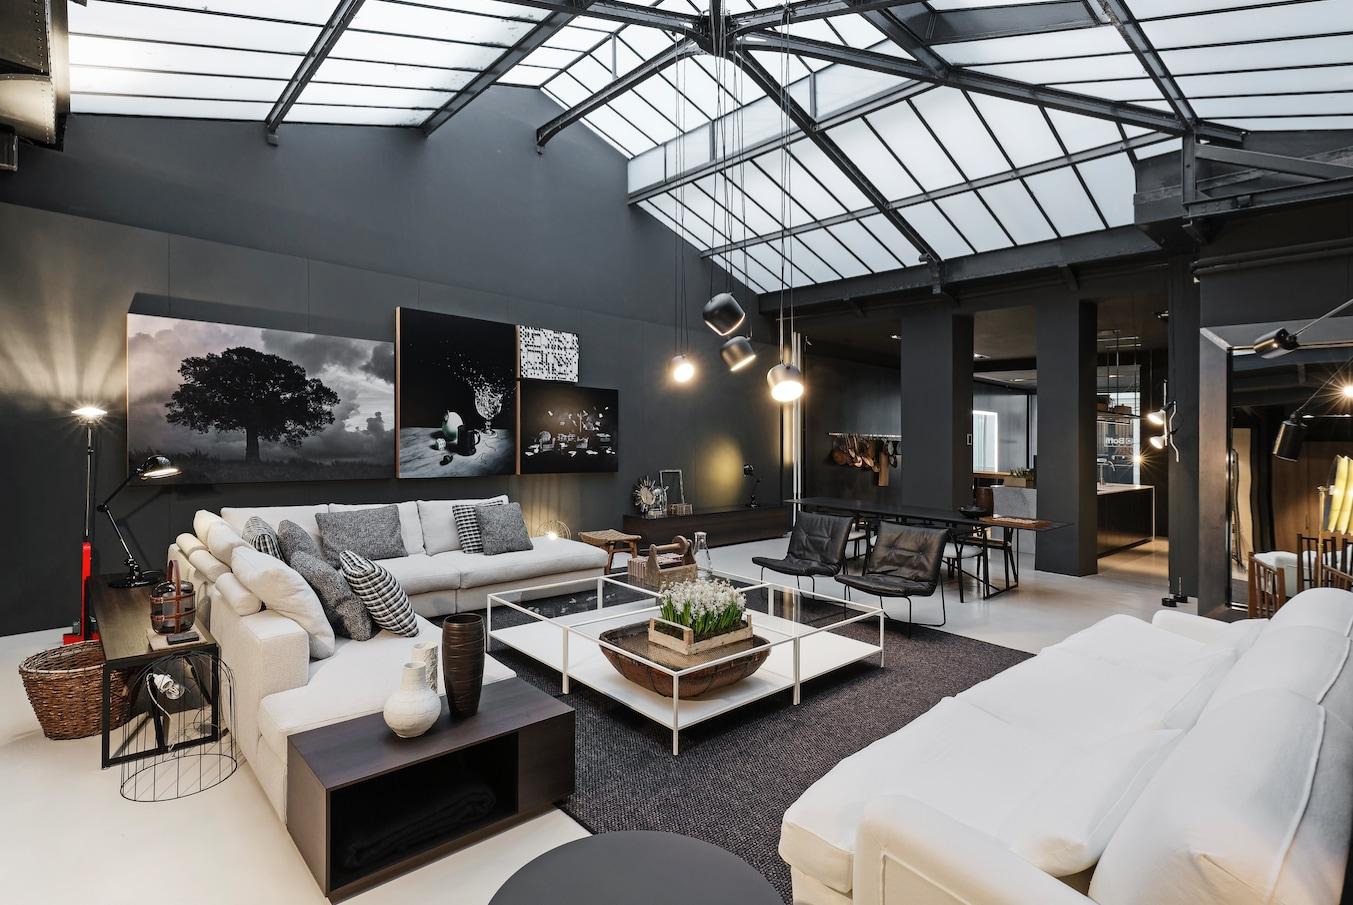 woolrich a milano riccieri e cappelli. Black Bedroom Furniture Sets. Home Design Ideas